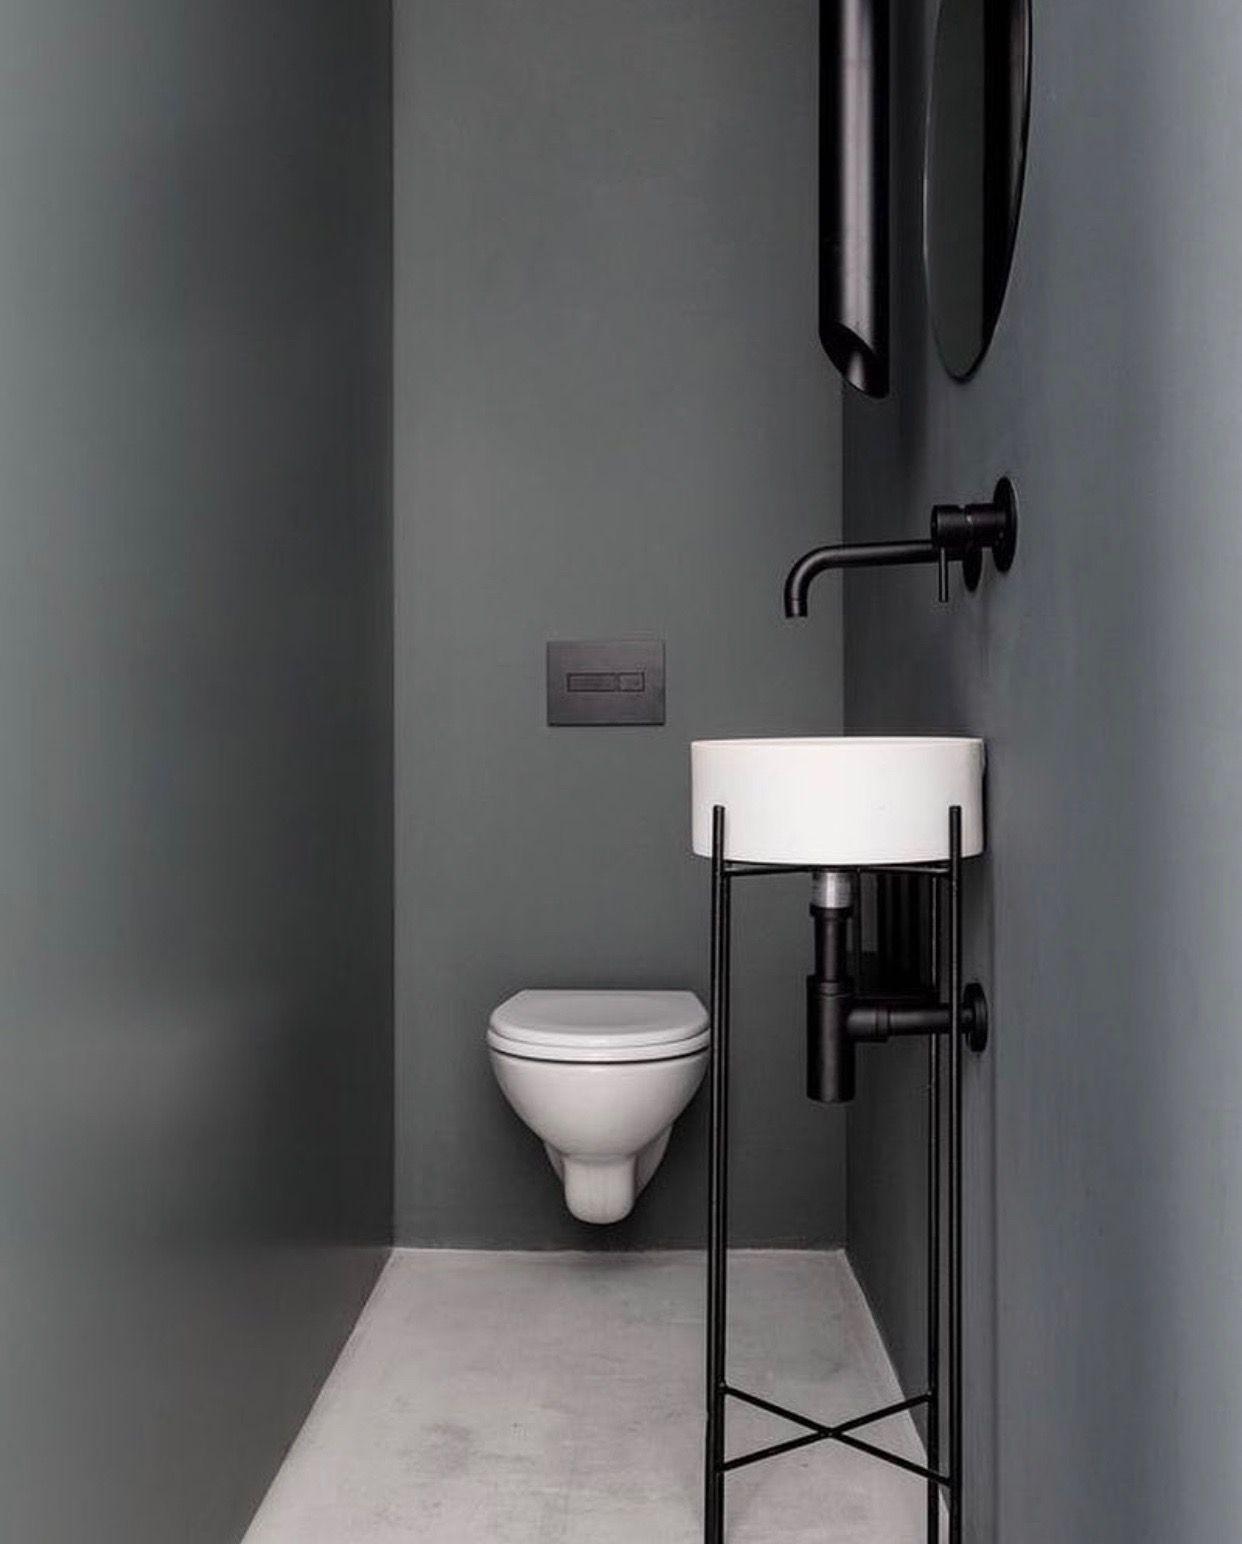 Pin von Carola Cordero auf interiores | Pinterest | kleine Bäder ...